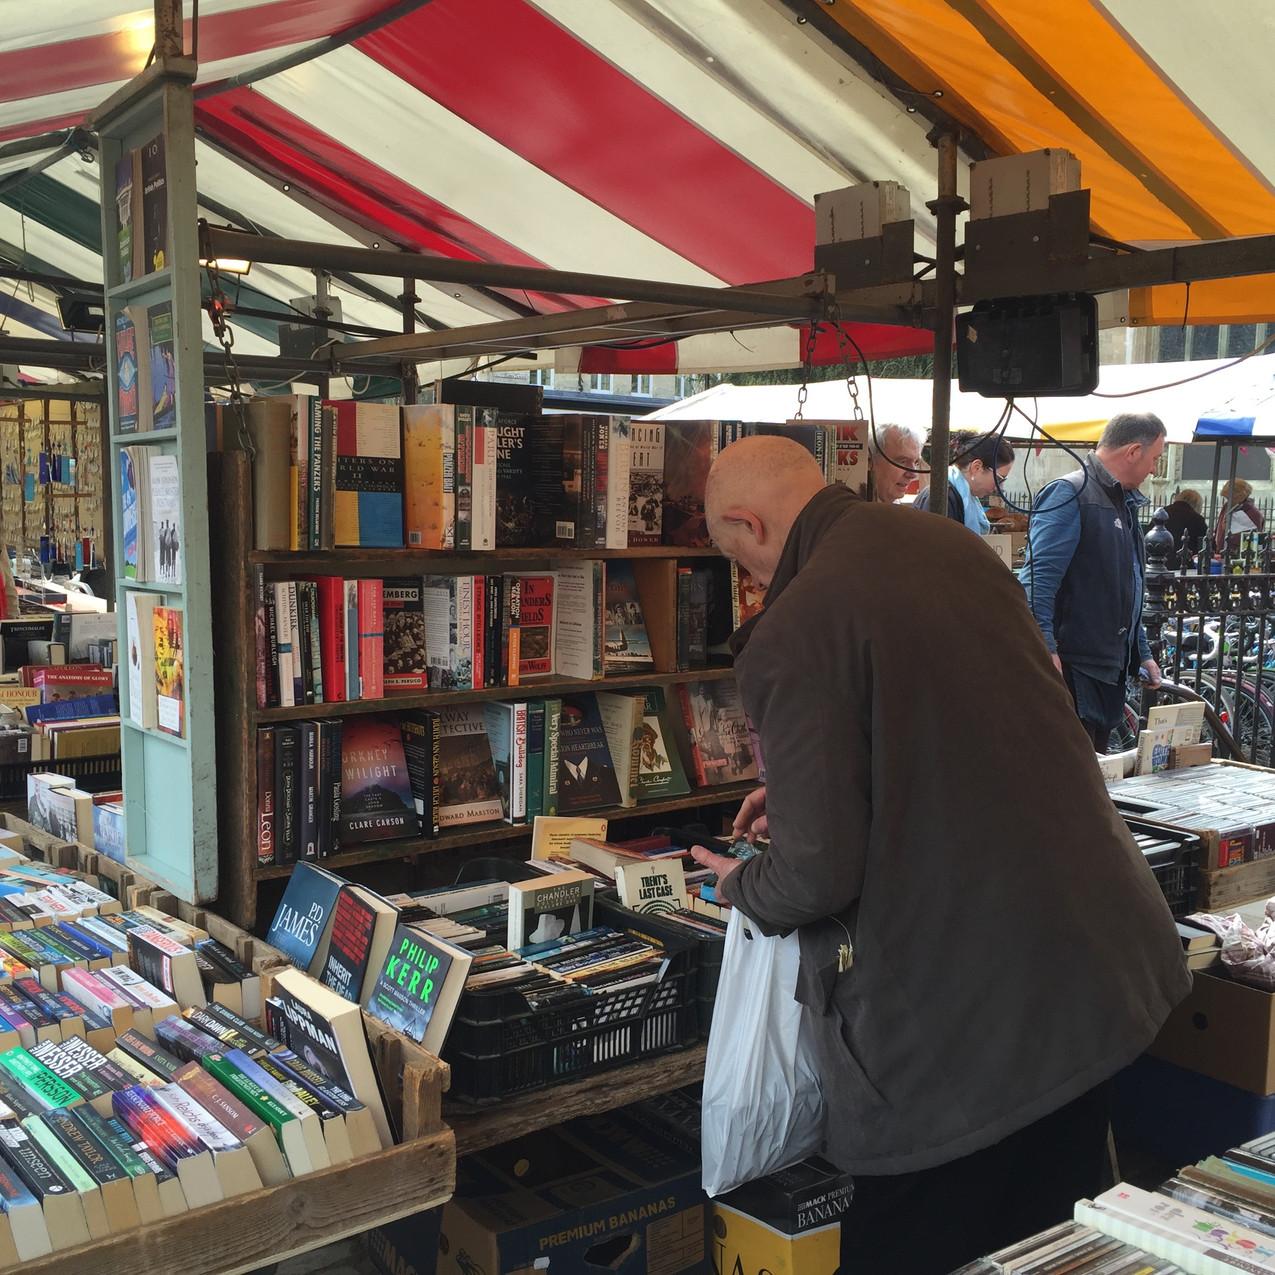 Bookstall - Brugges, Belgium